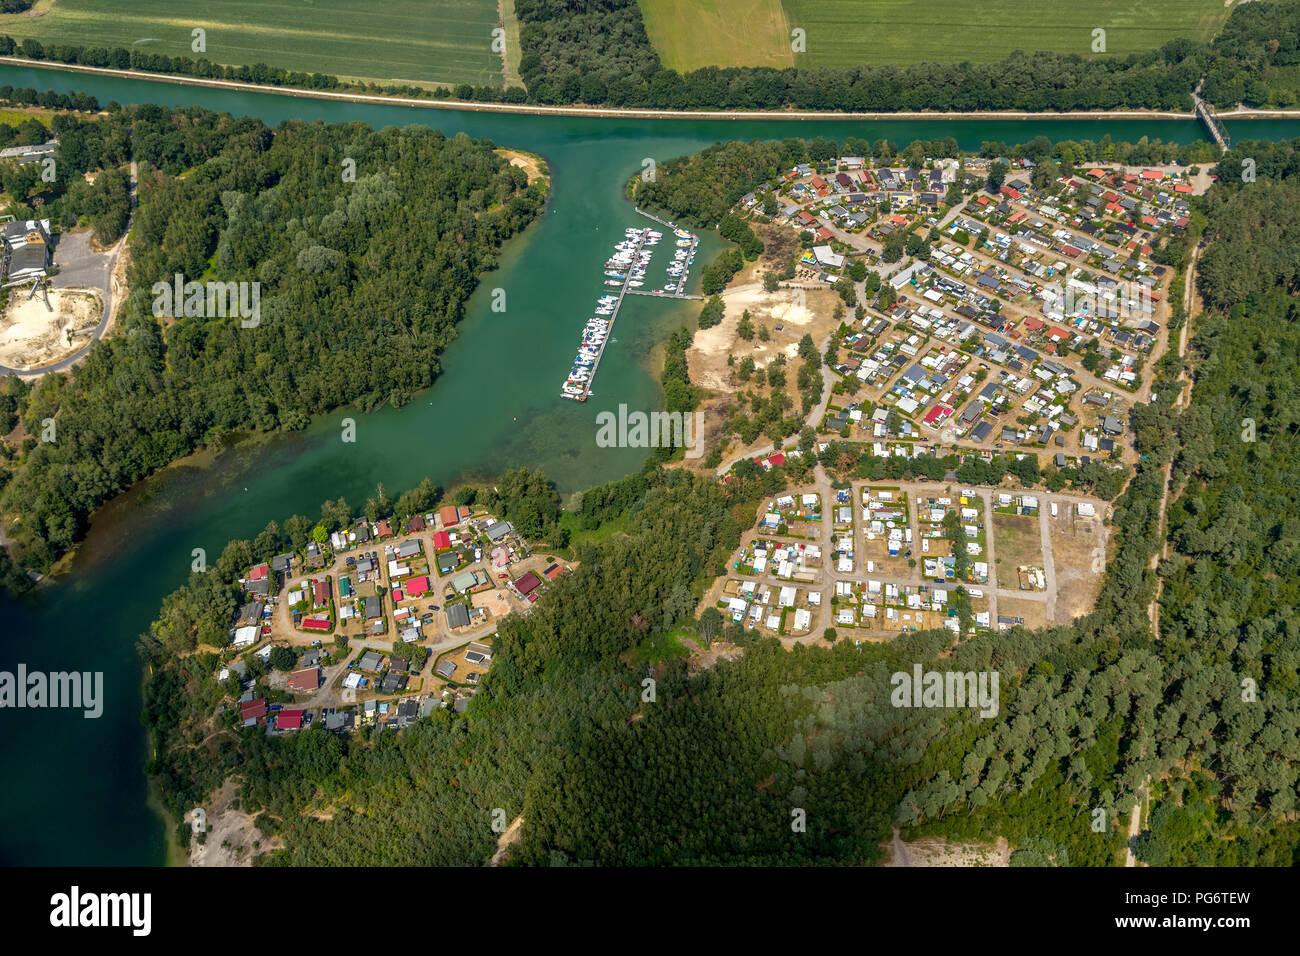 Silbersee Flaesheim Baggerloch Flaesheim Mit Campingplatz Am